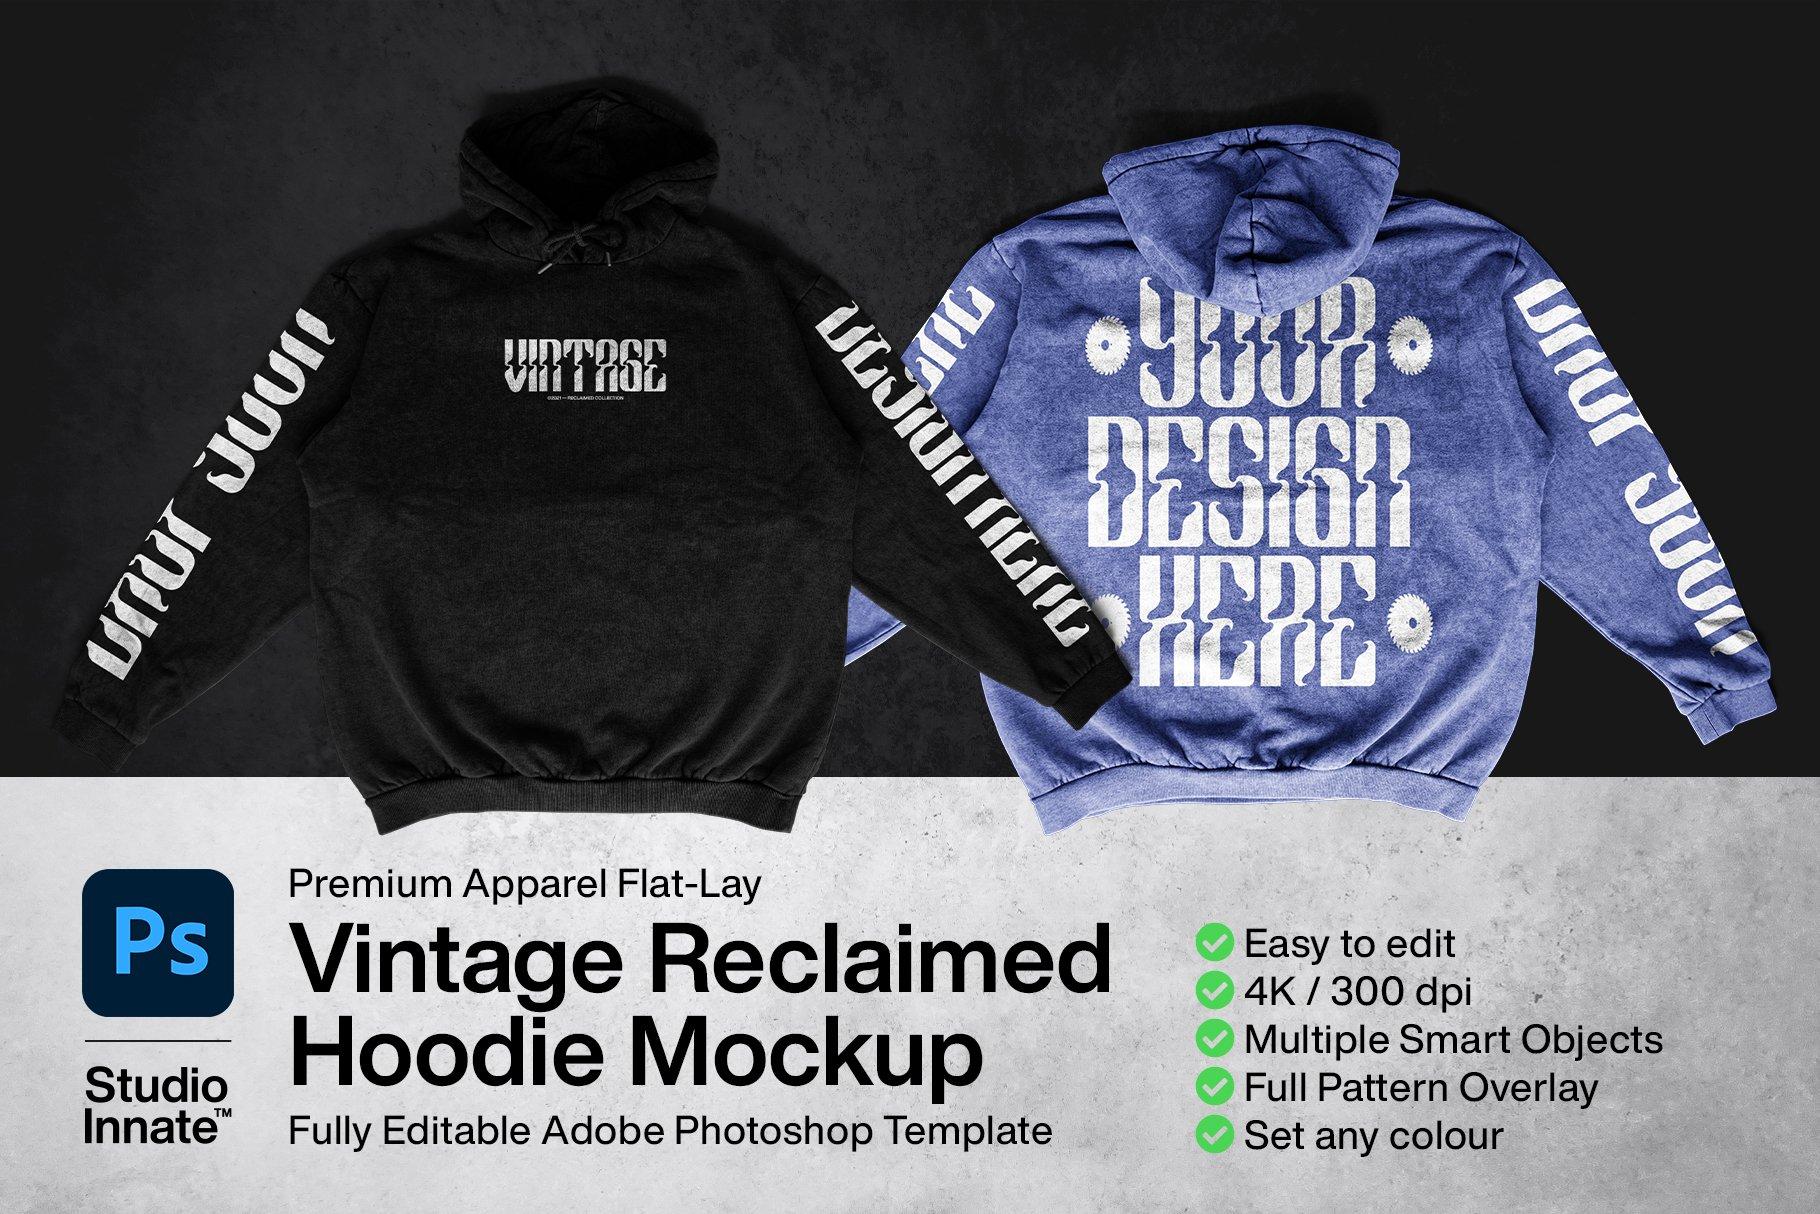 复古棉料连衣帽卫衣印花图案设计PS贴图样机模板 Vintage Reclaimed Hoodie Mockup插图1